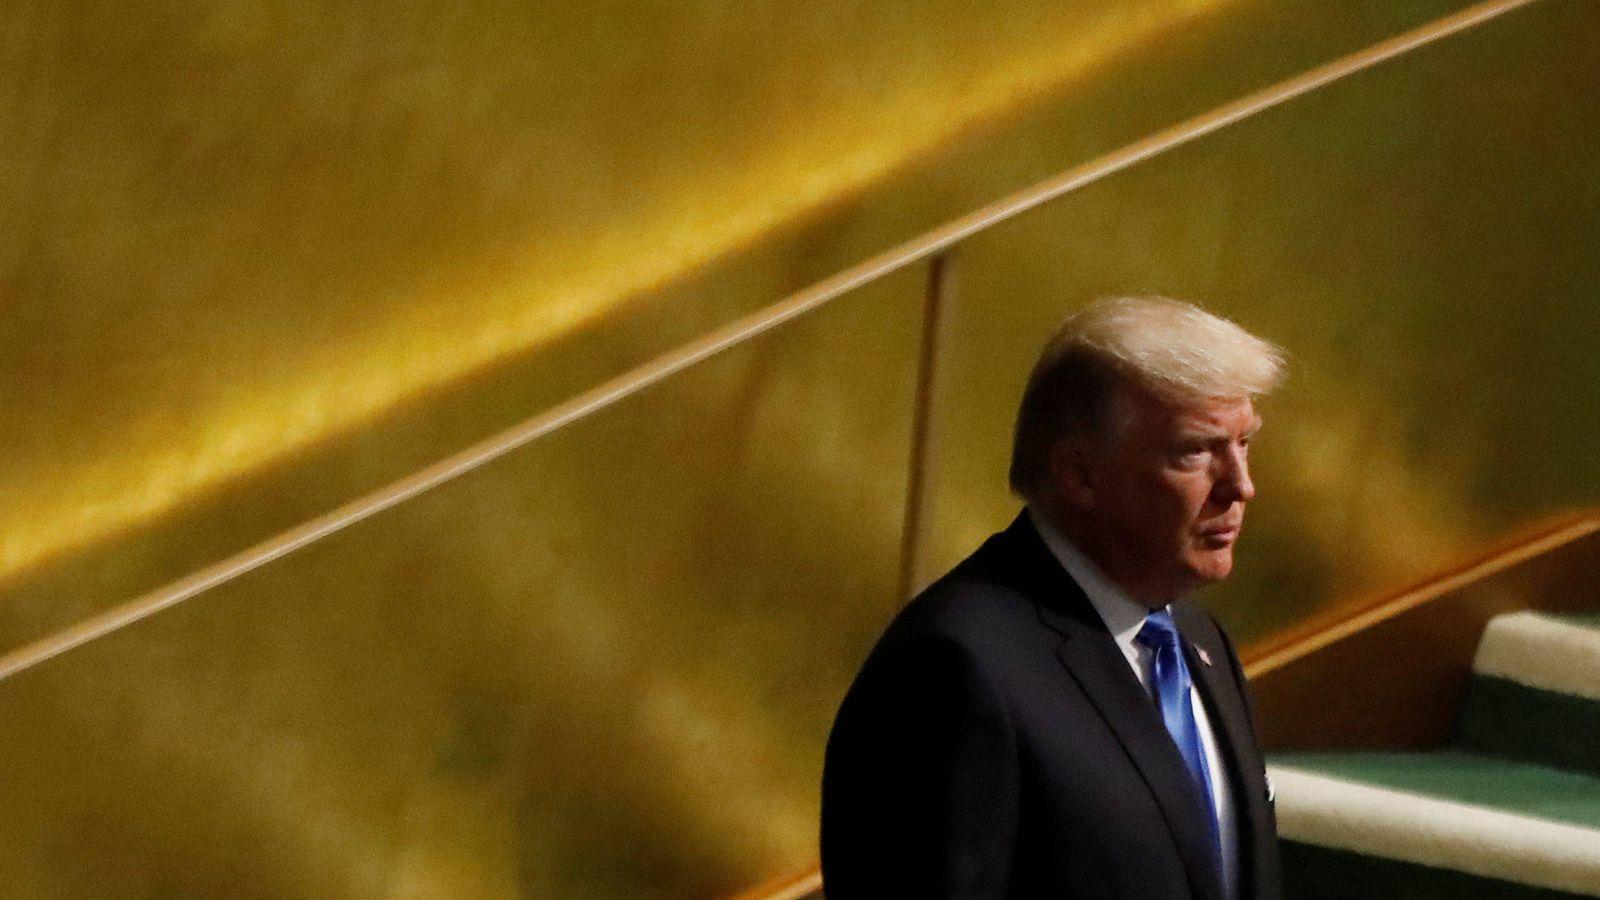 Foto: Donald Trump en la sede de la ONU en Nueva York, momentos antes de dirigirse a la Asamblea General, el 19 de septiembre de 2017. (Reuters)